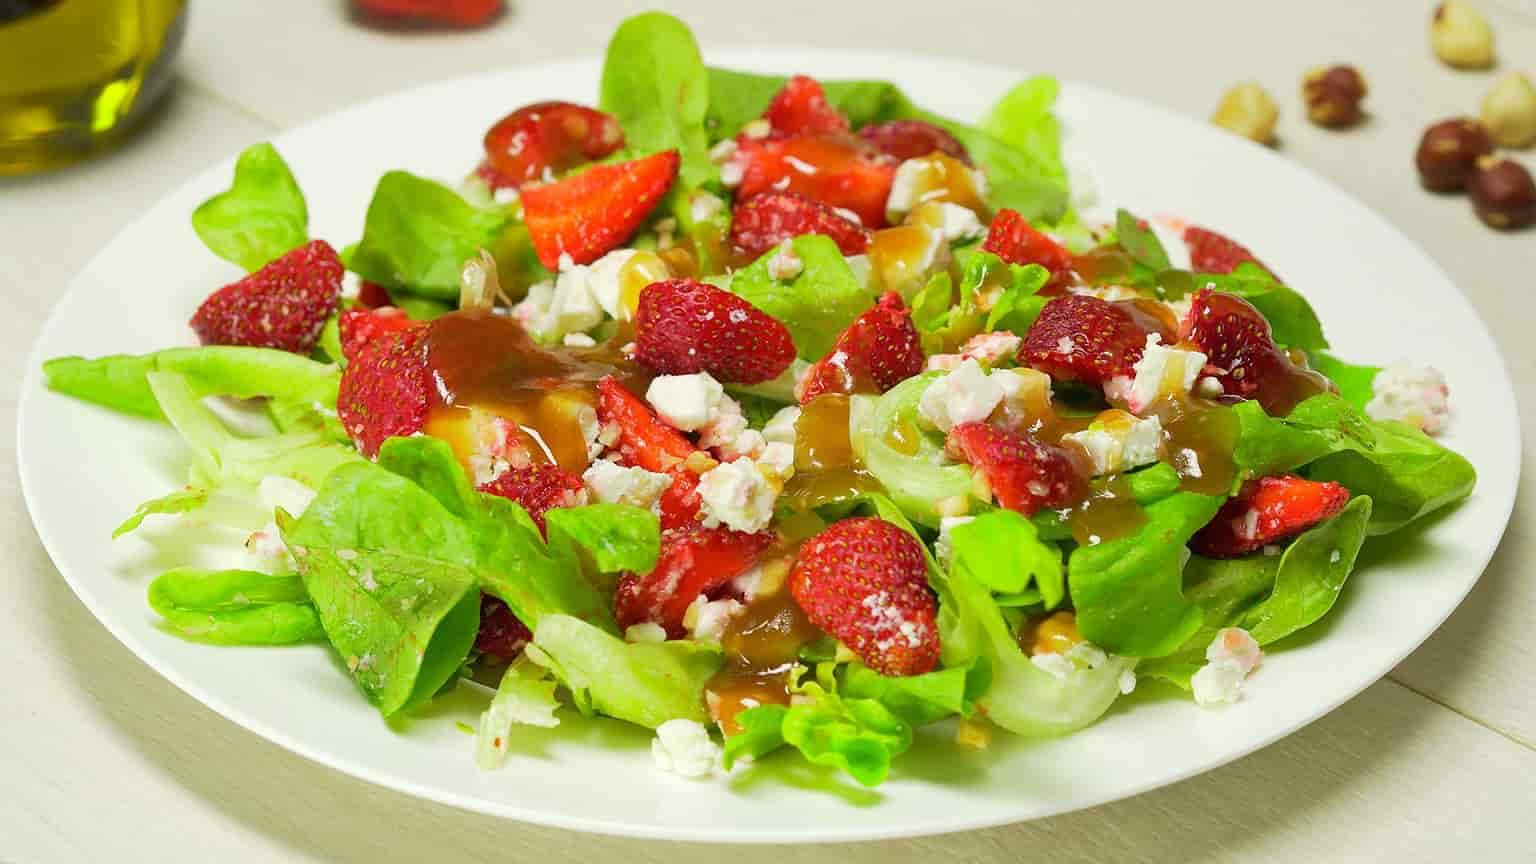 Сколько грамм салата в ложке